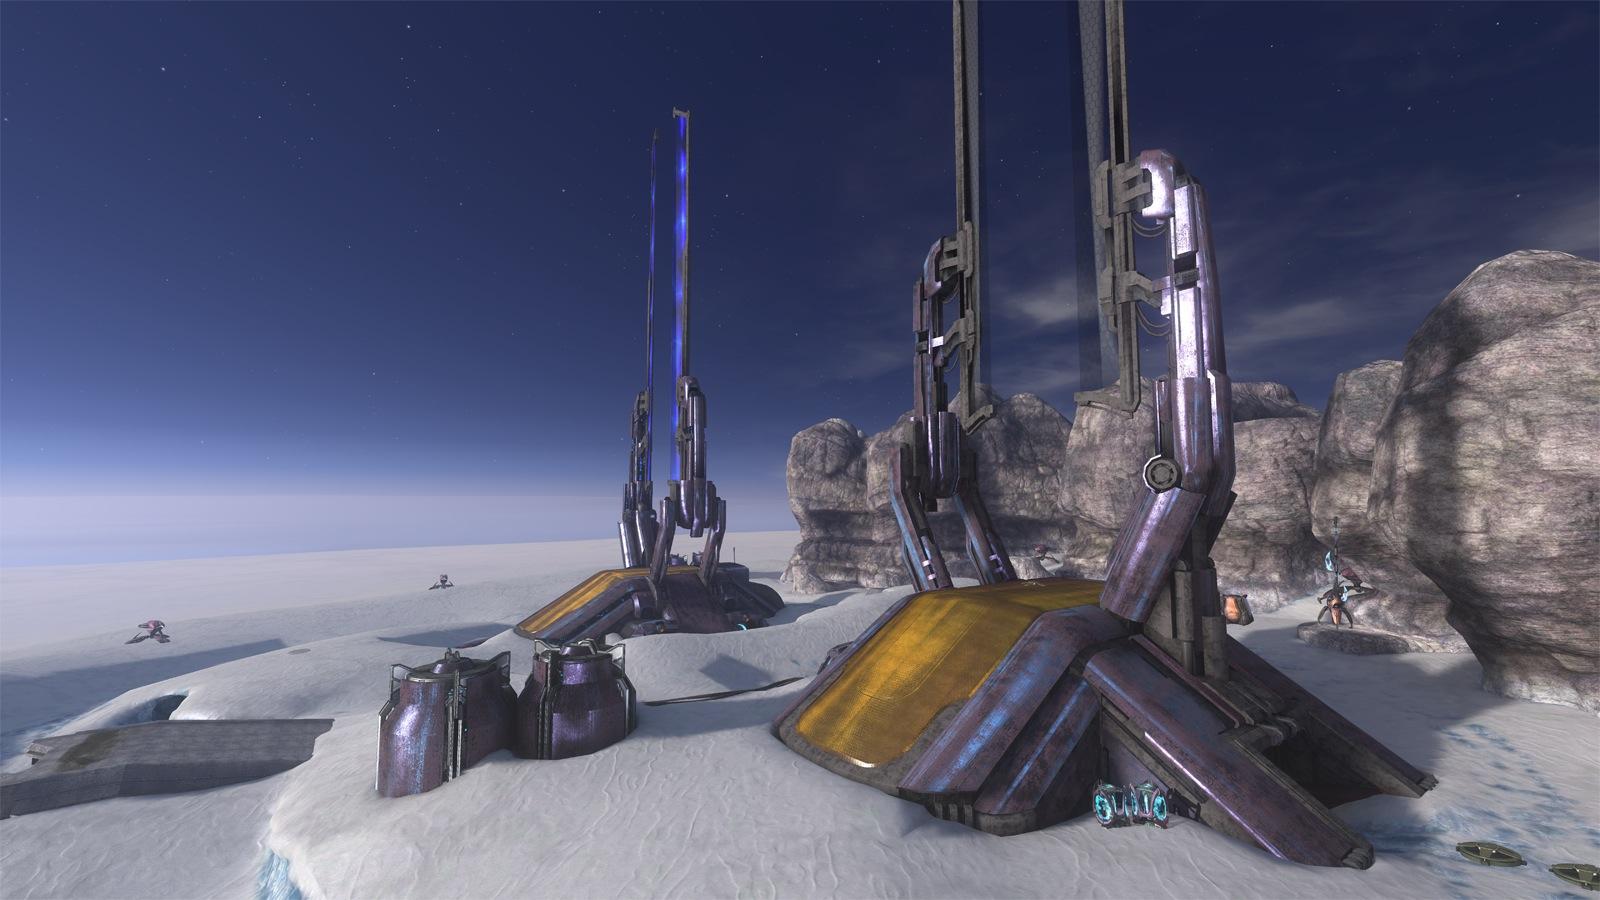 Halo 3 snowbound